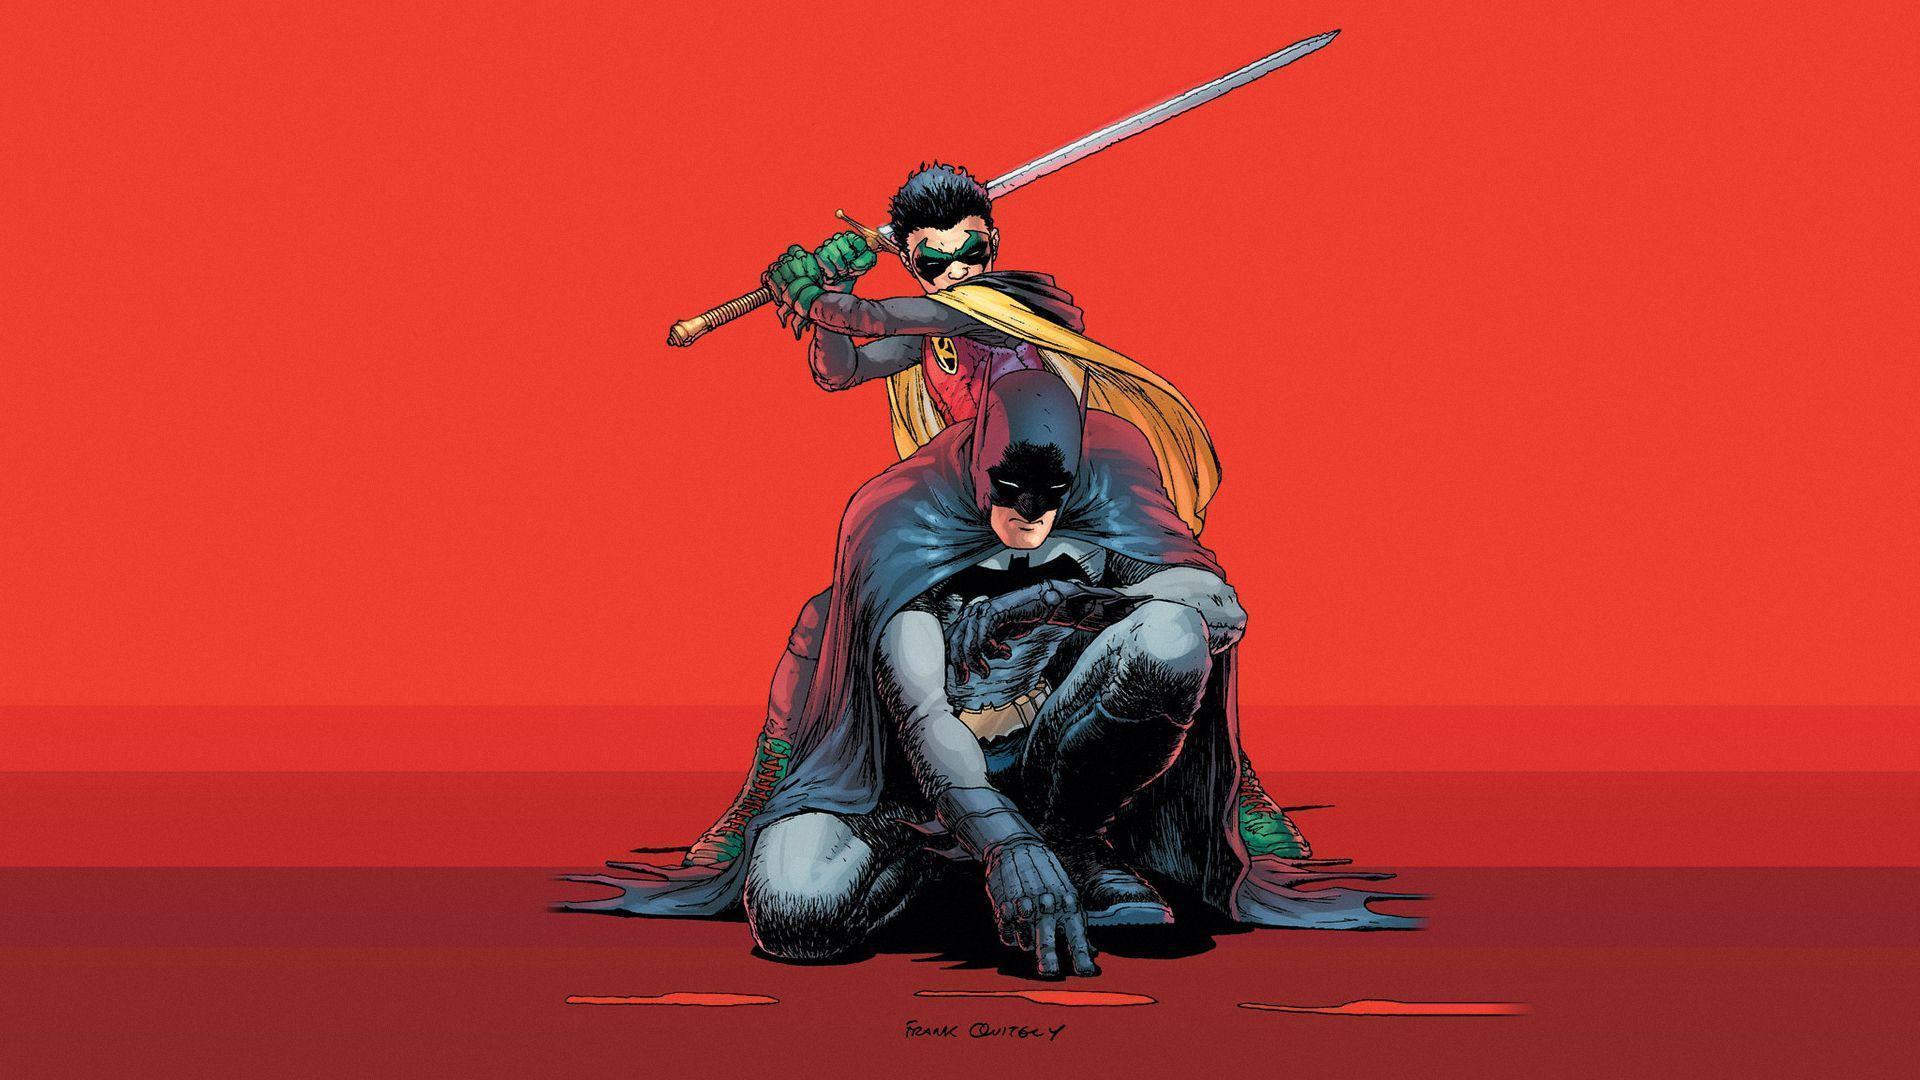 Batman And Robin HD Wallpaper | 1920x1080 | ID:27371